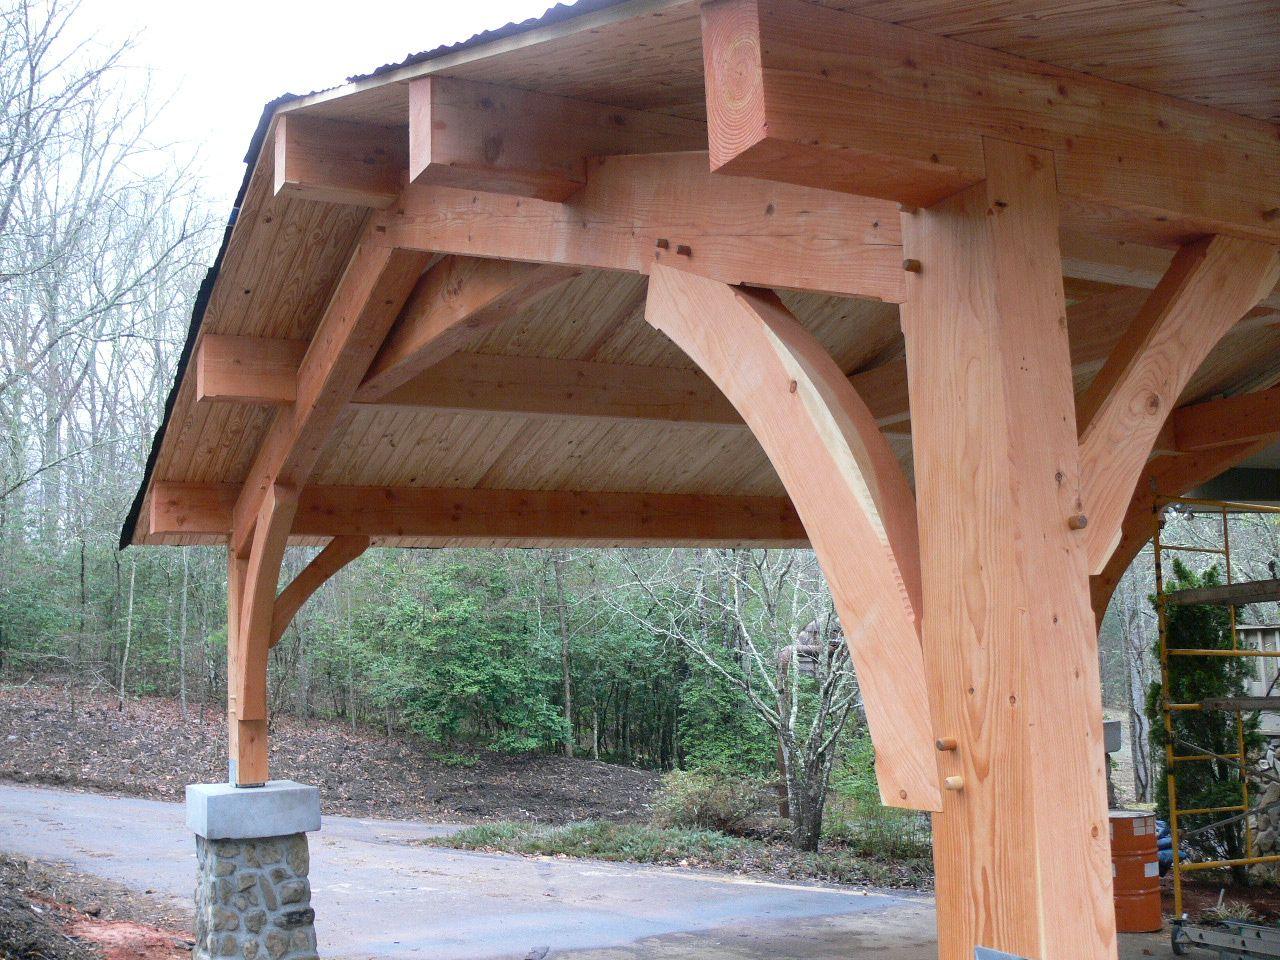 Timber Frame Carport Wooden carports, Carport designs